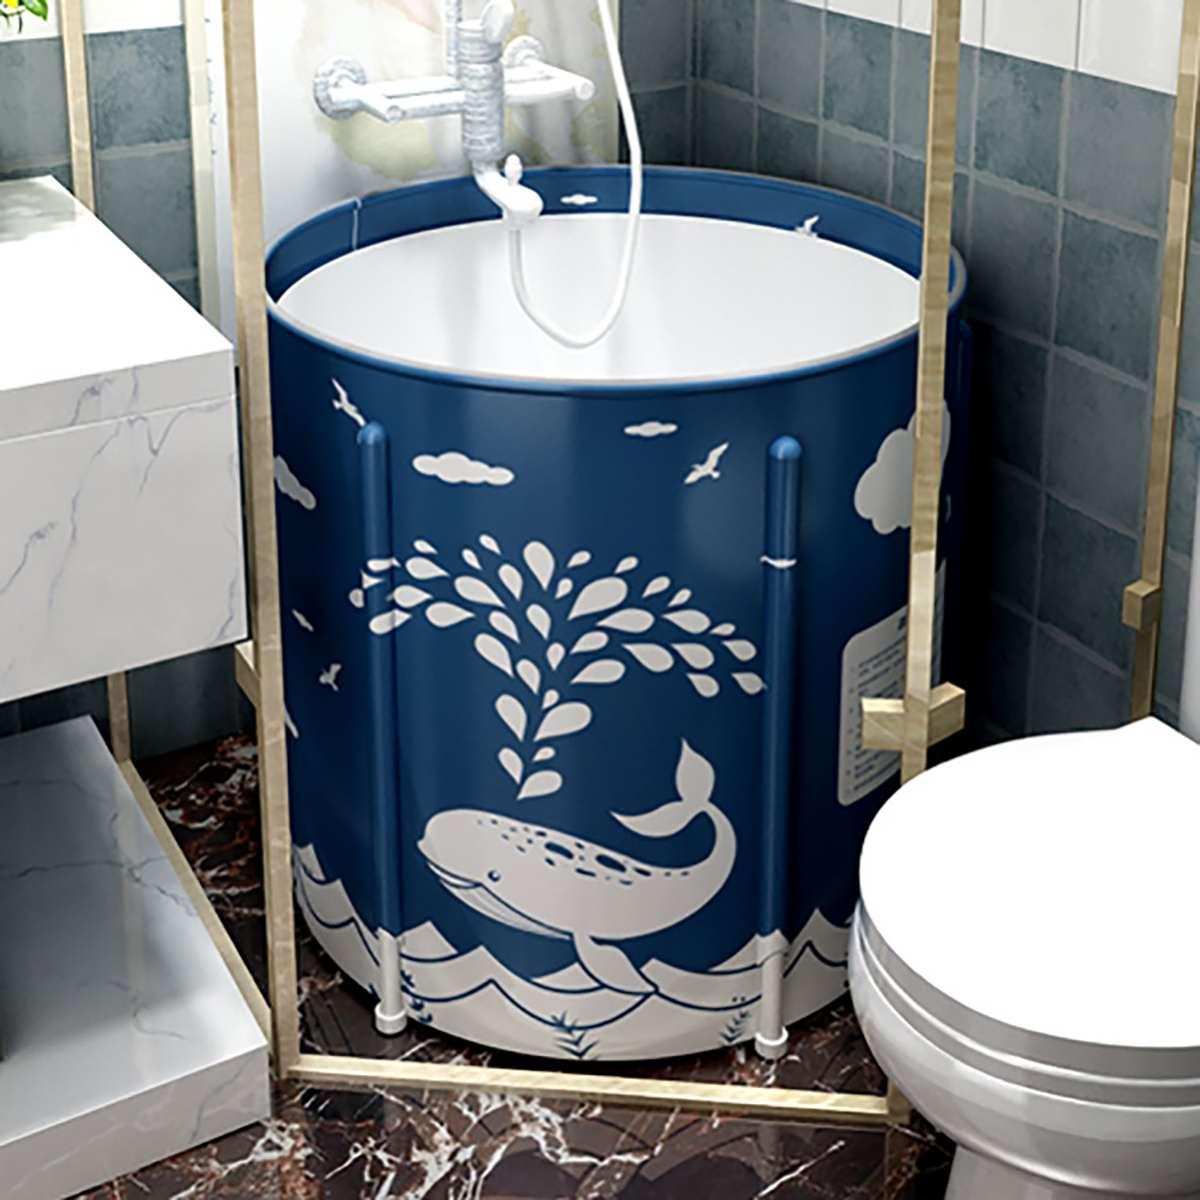 Portable Bathtub Folding Bath Bucket Foldable Large Adult Tub Baby Swimming Pool Insulation Family Bathroom SPA Sauna Bath Tub enlarge